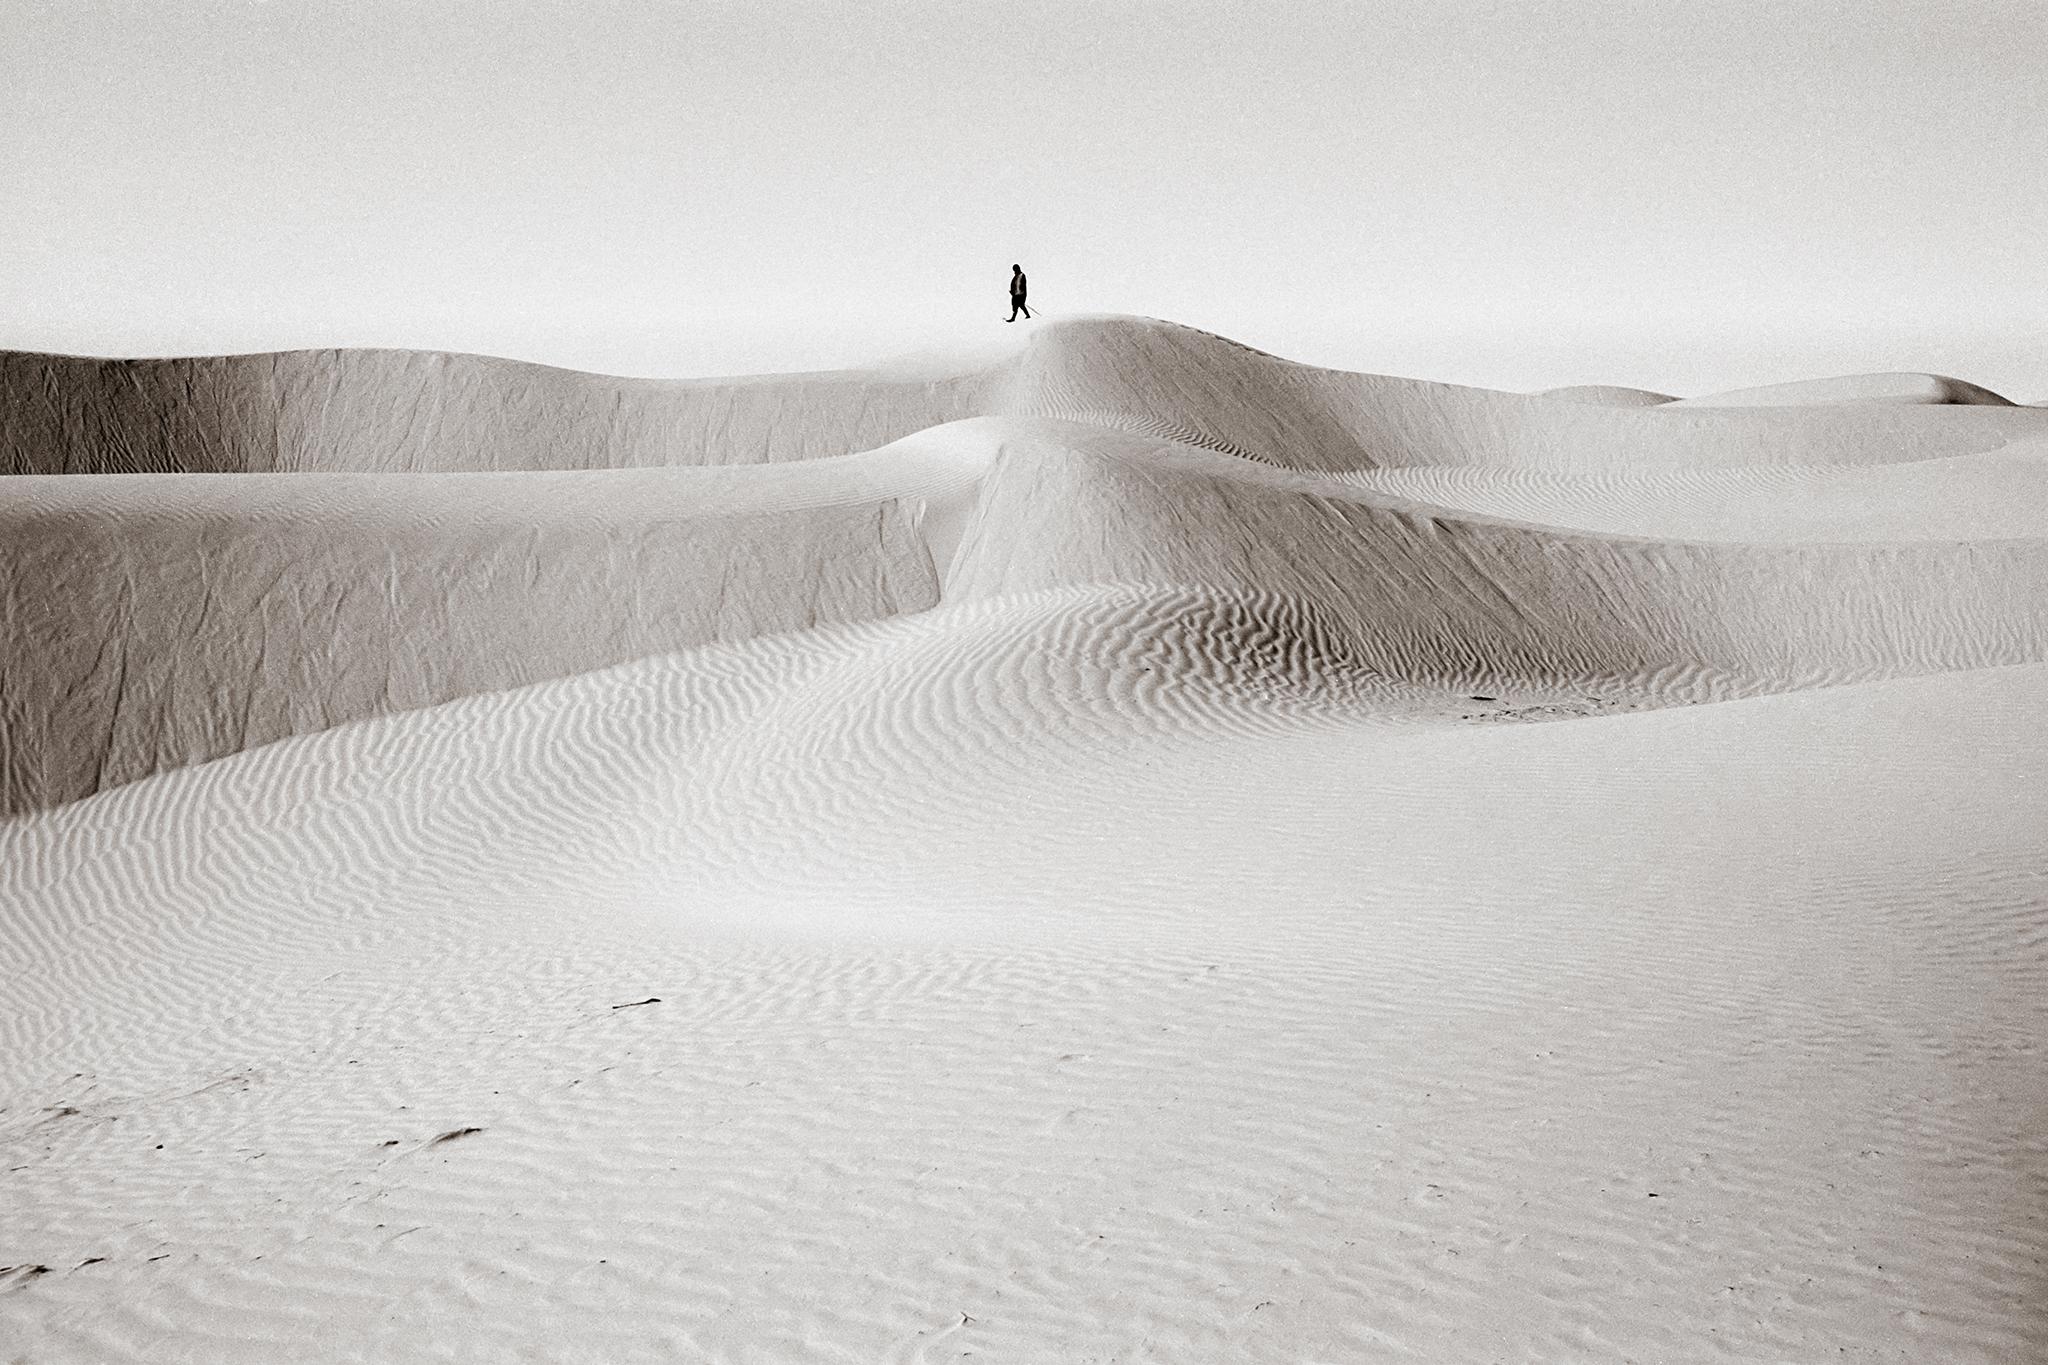 Unterwegs. Sahara, 2003